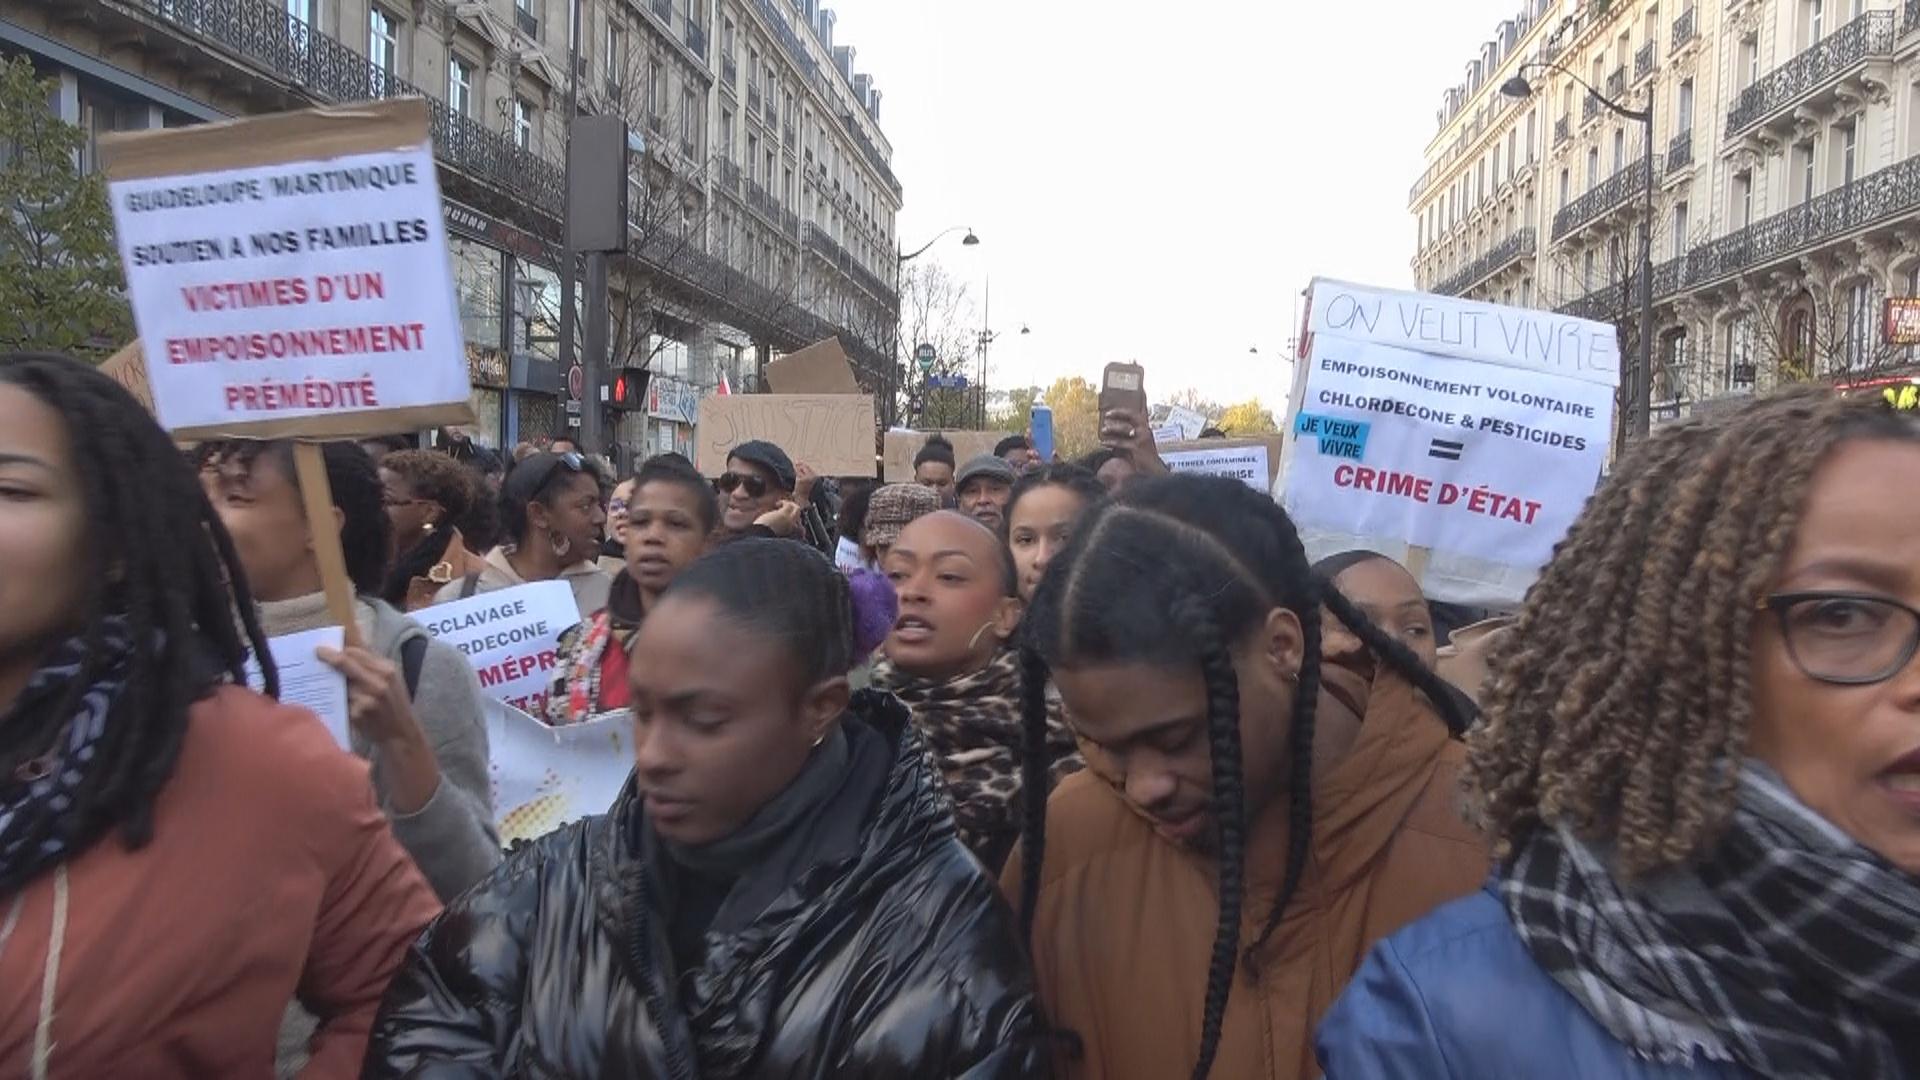 [Vidéo] Eau, Chlordécone,Sargasses, CHU, Marche à Paris en soutien aux Antilles